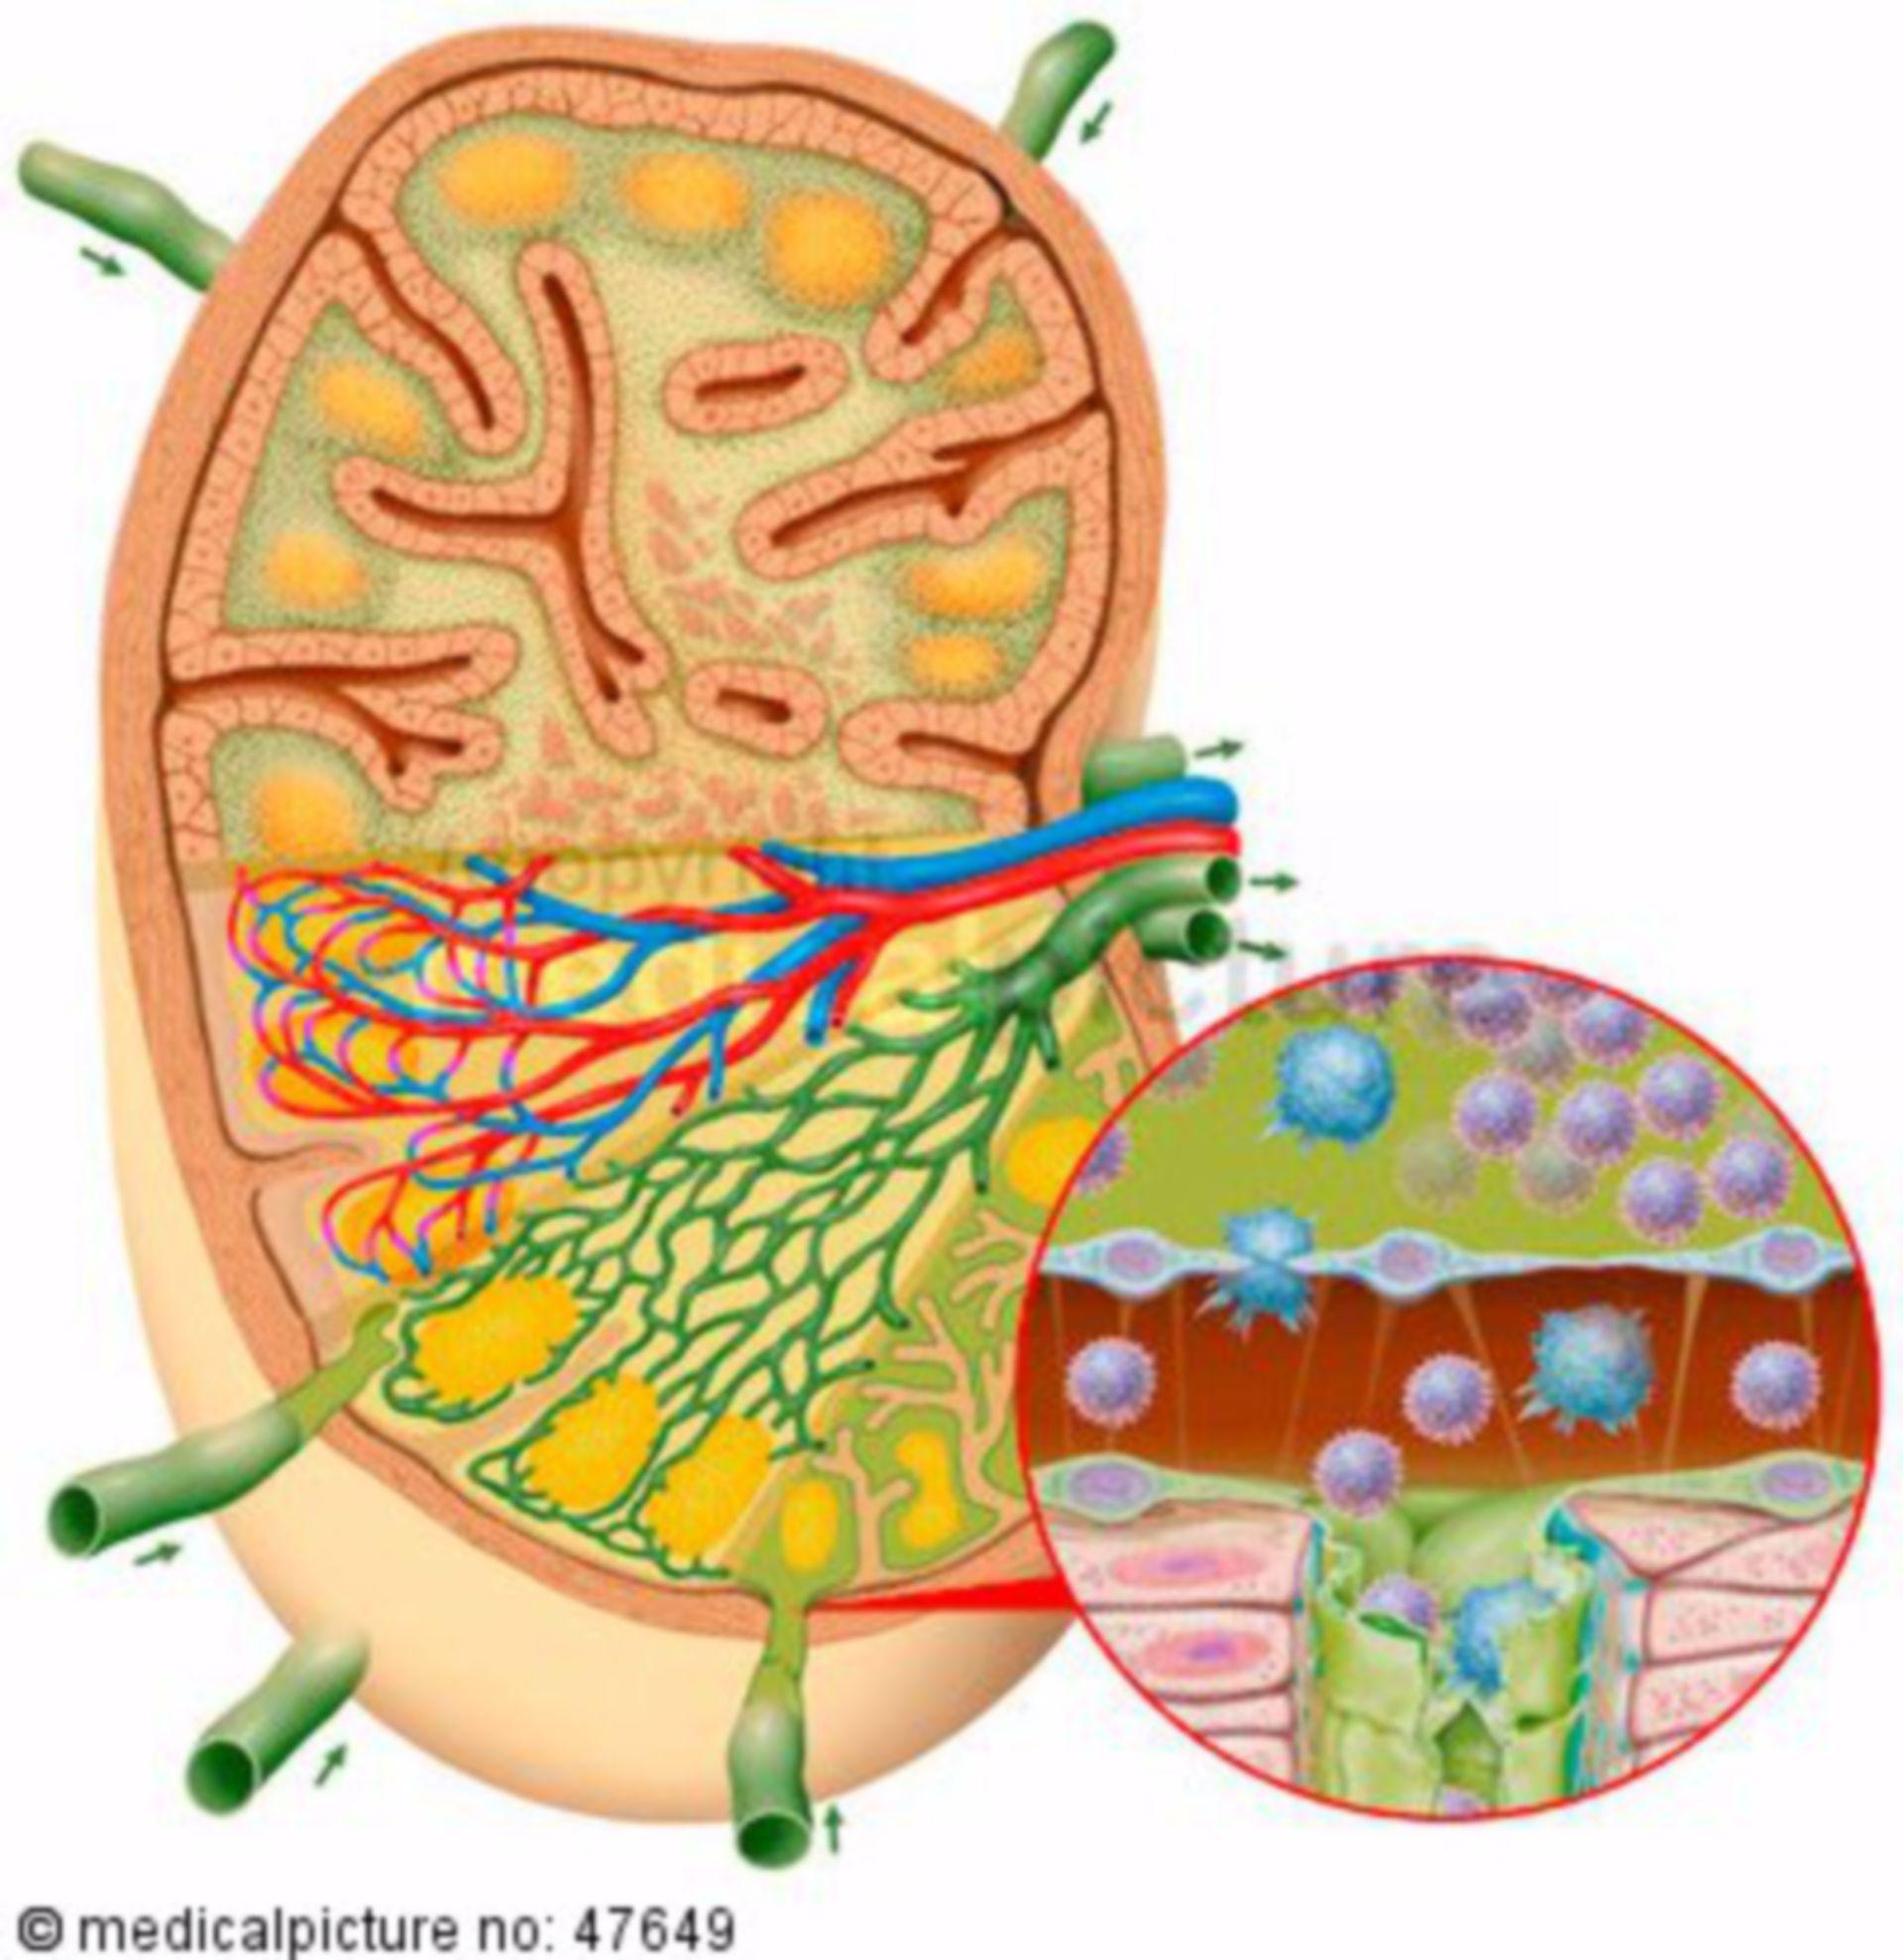 Lymph node, cross-section